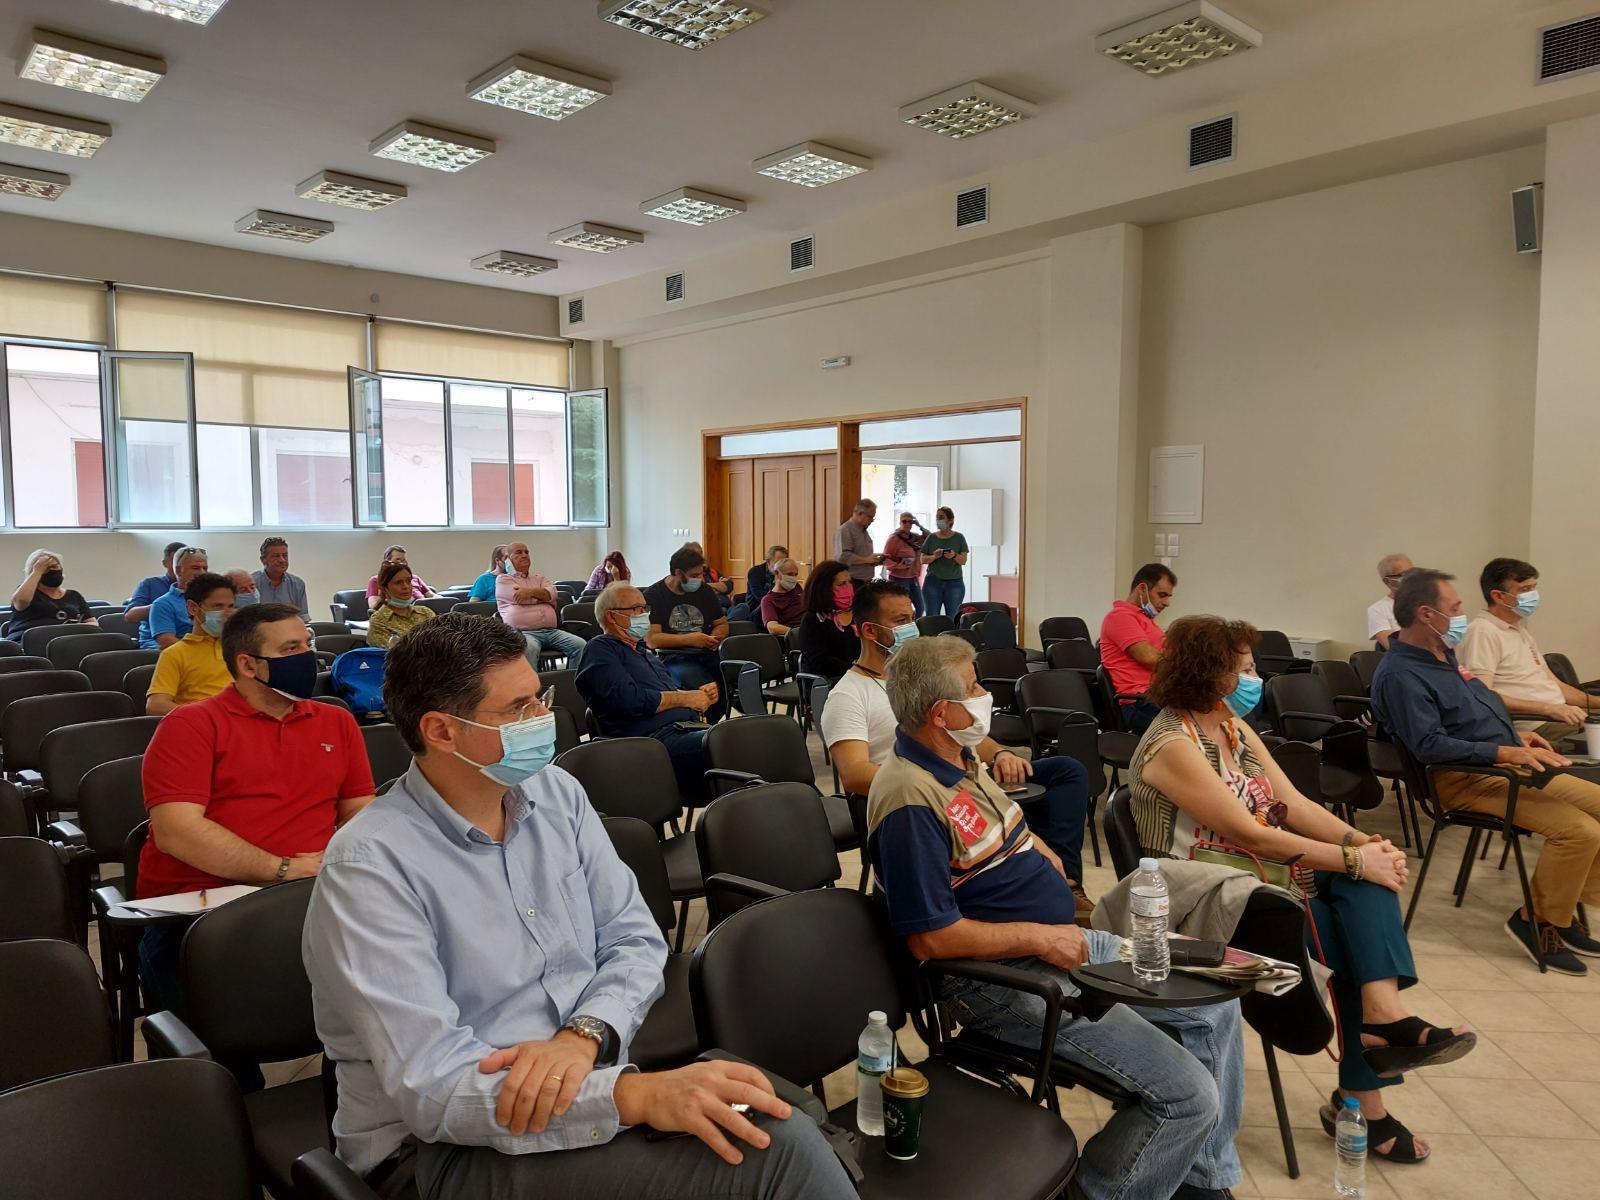 Συνεδρίαση Νομαρχιακής Επιτροπής ΣΥΡΙΖΑ ΗΛΕΙΑΣ στην Αμαλιάδα (photos)